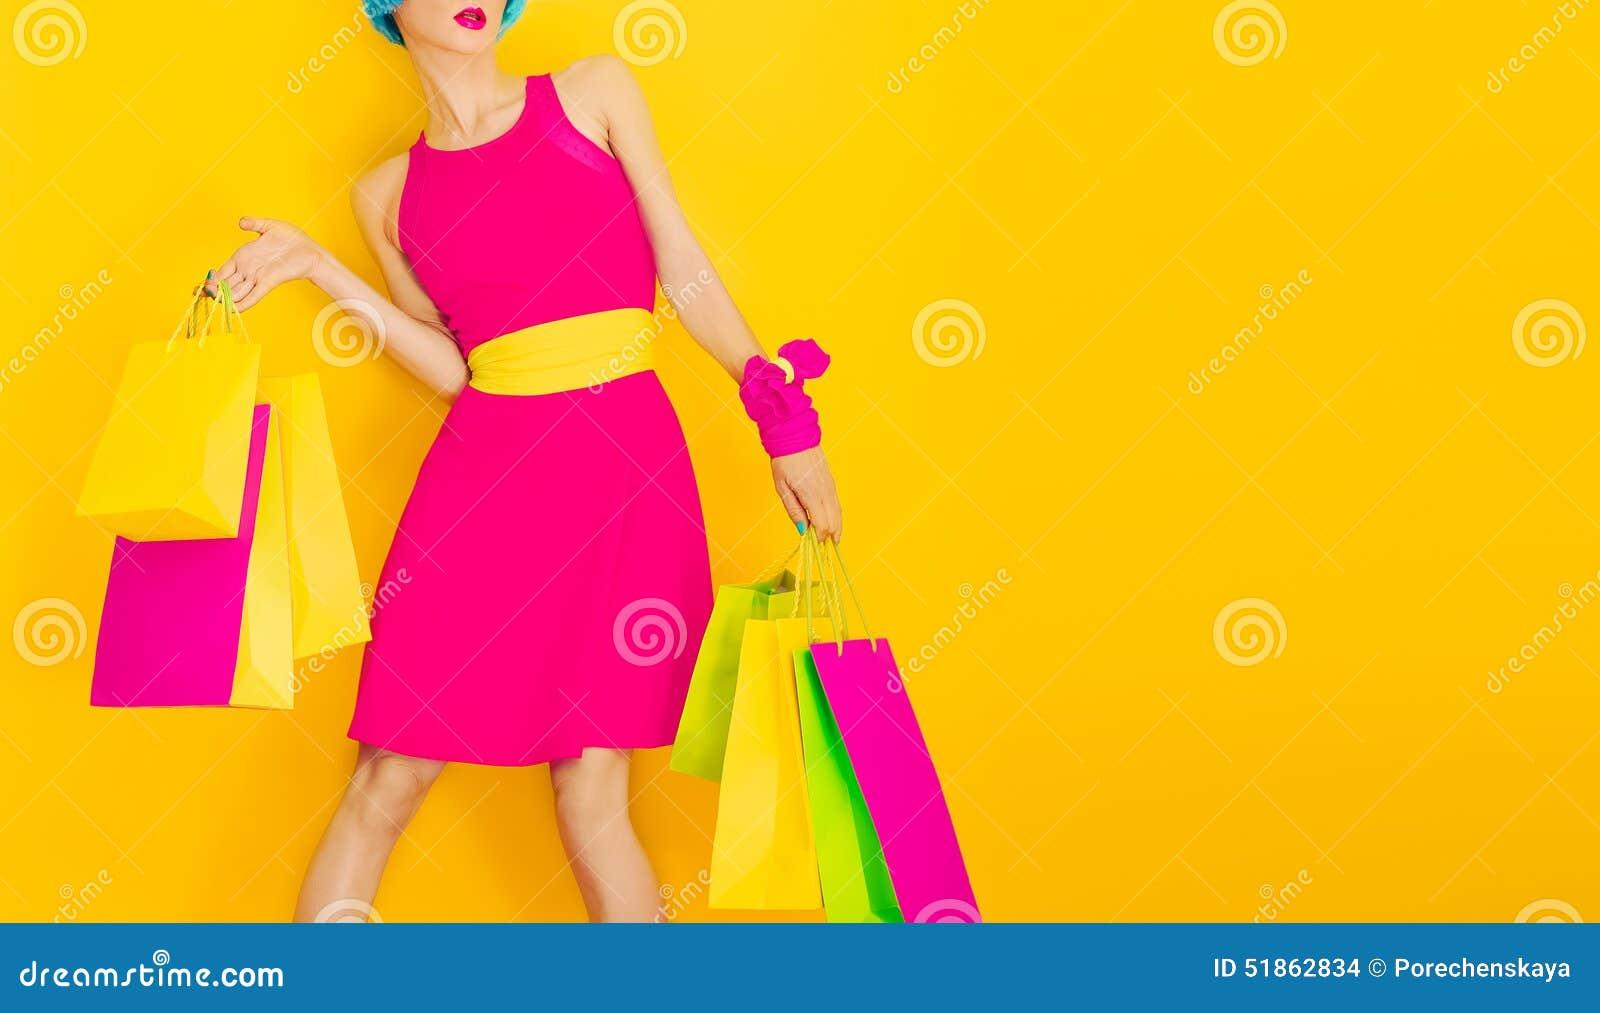 Glamorous lady shopping.